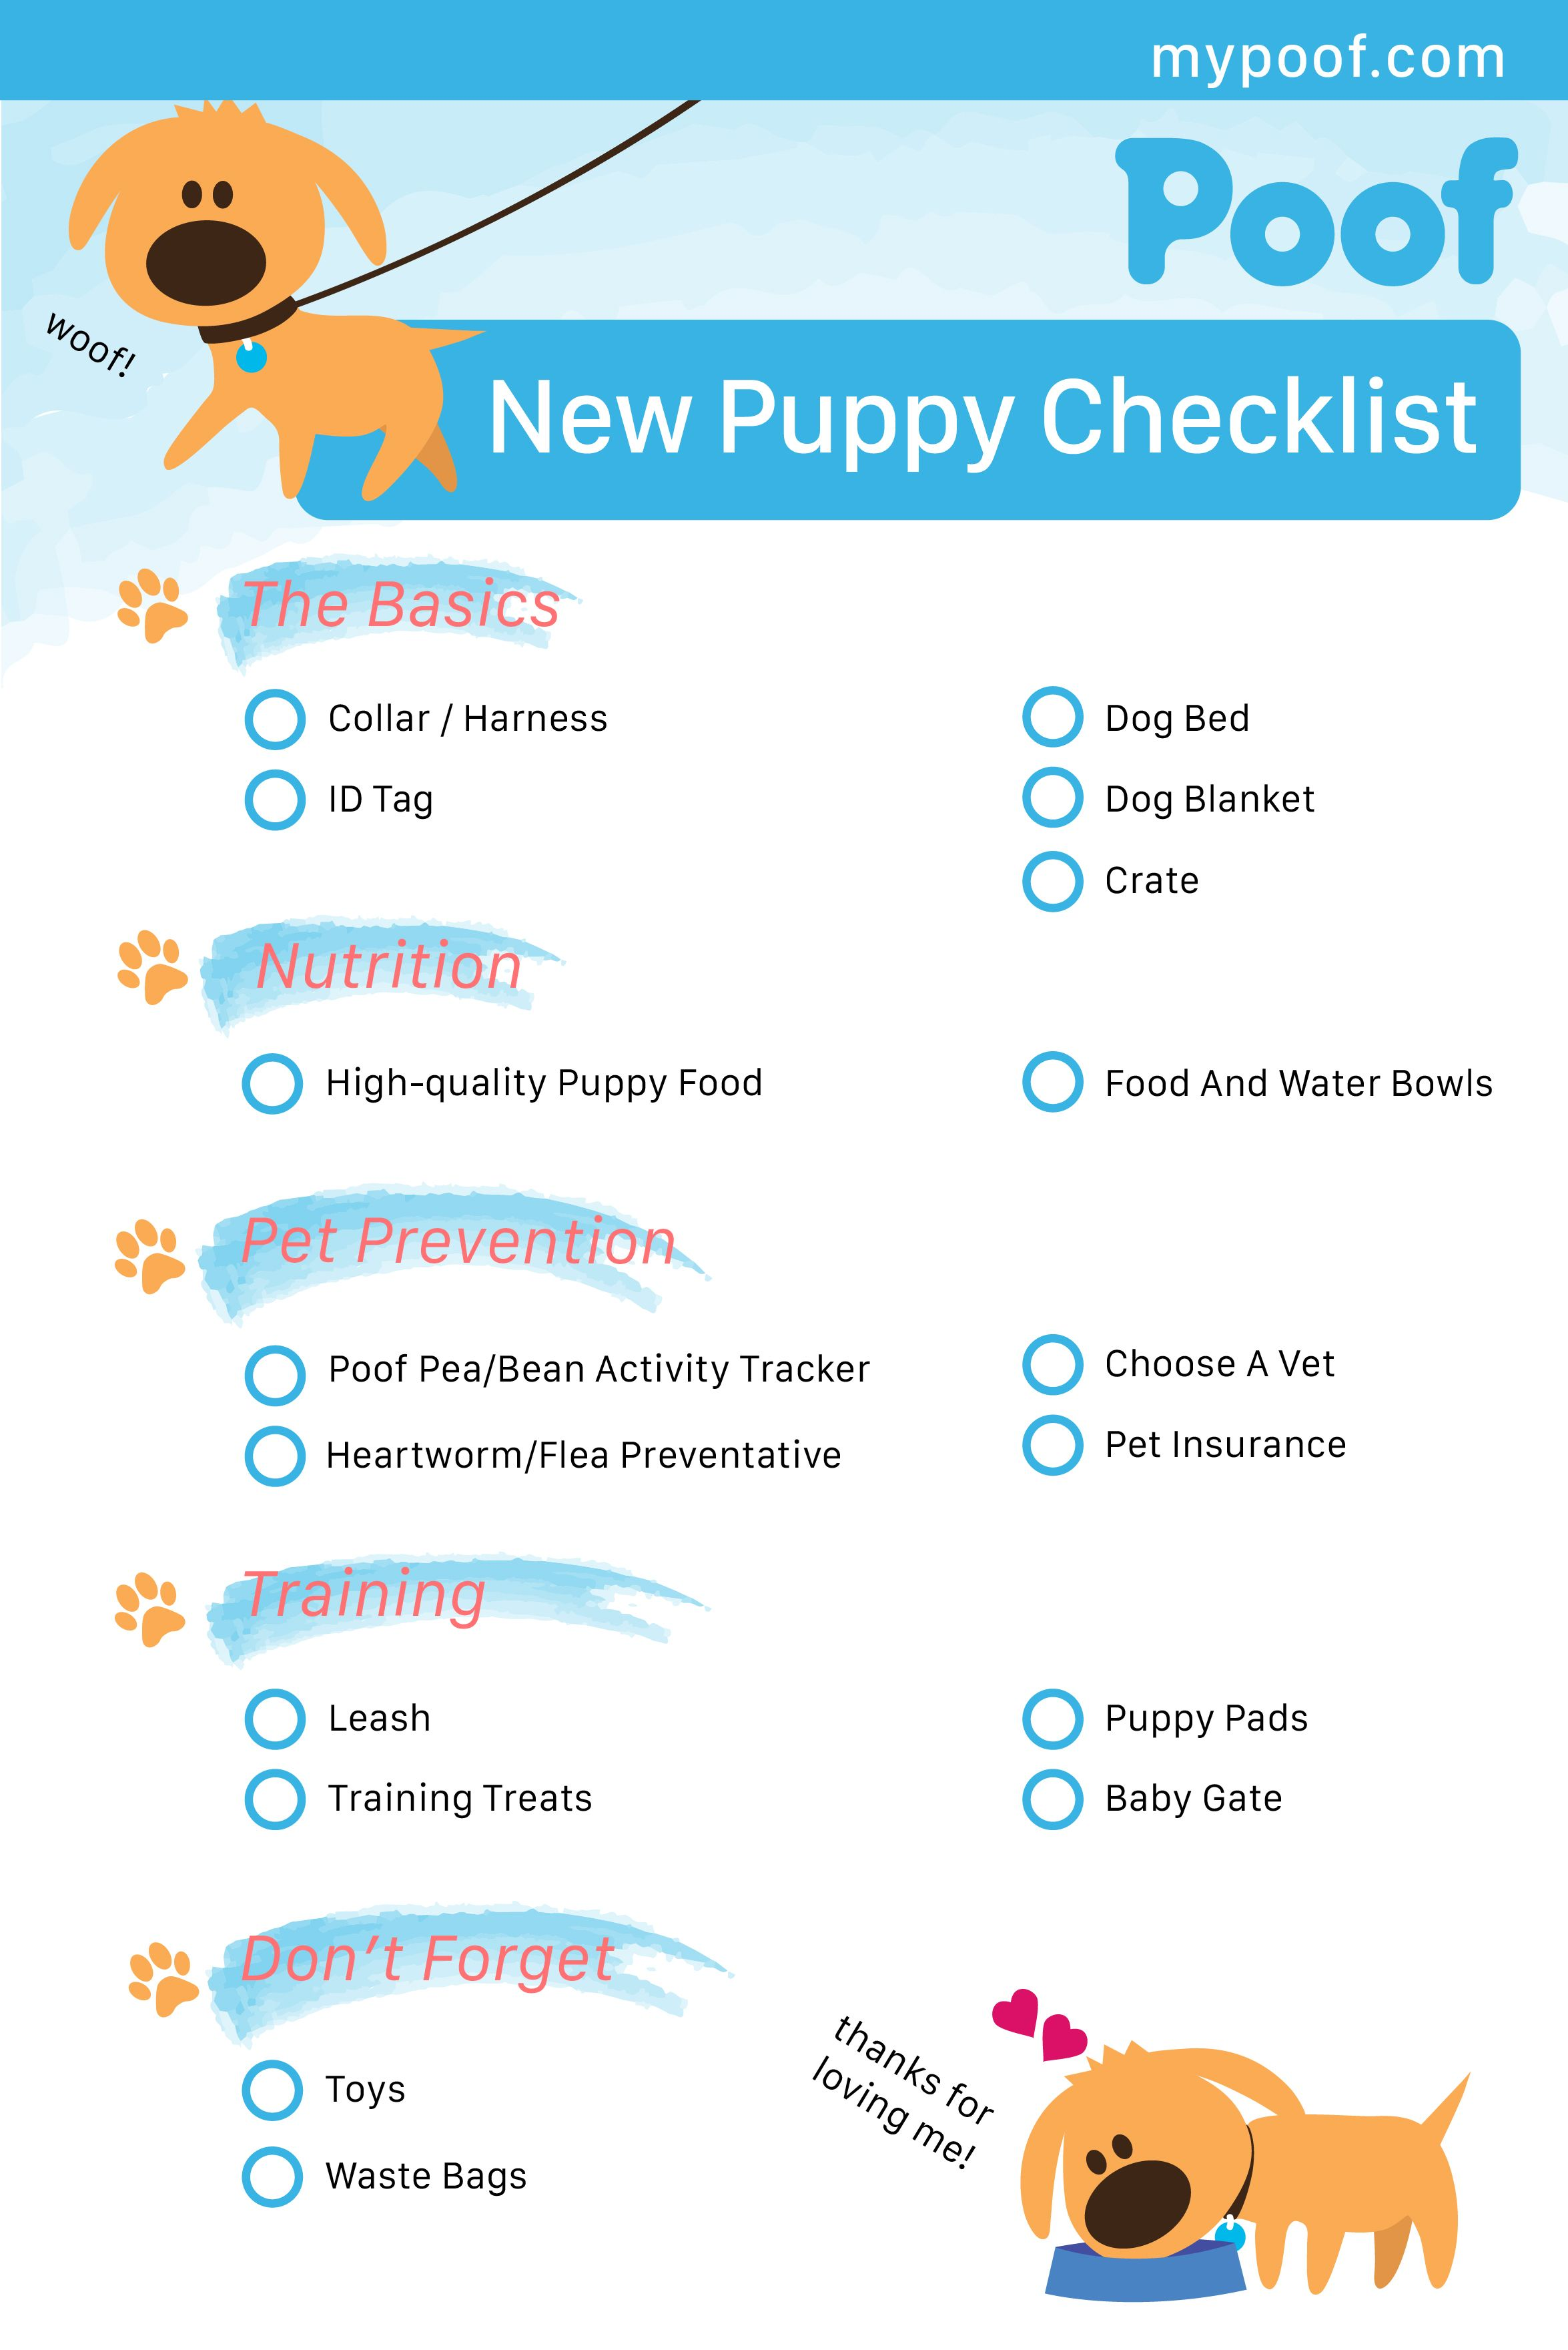 New Puppy Checklist Puppies New Puppy Checklist Puppy